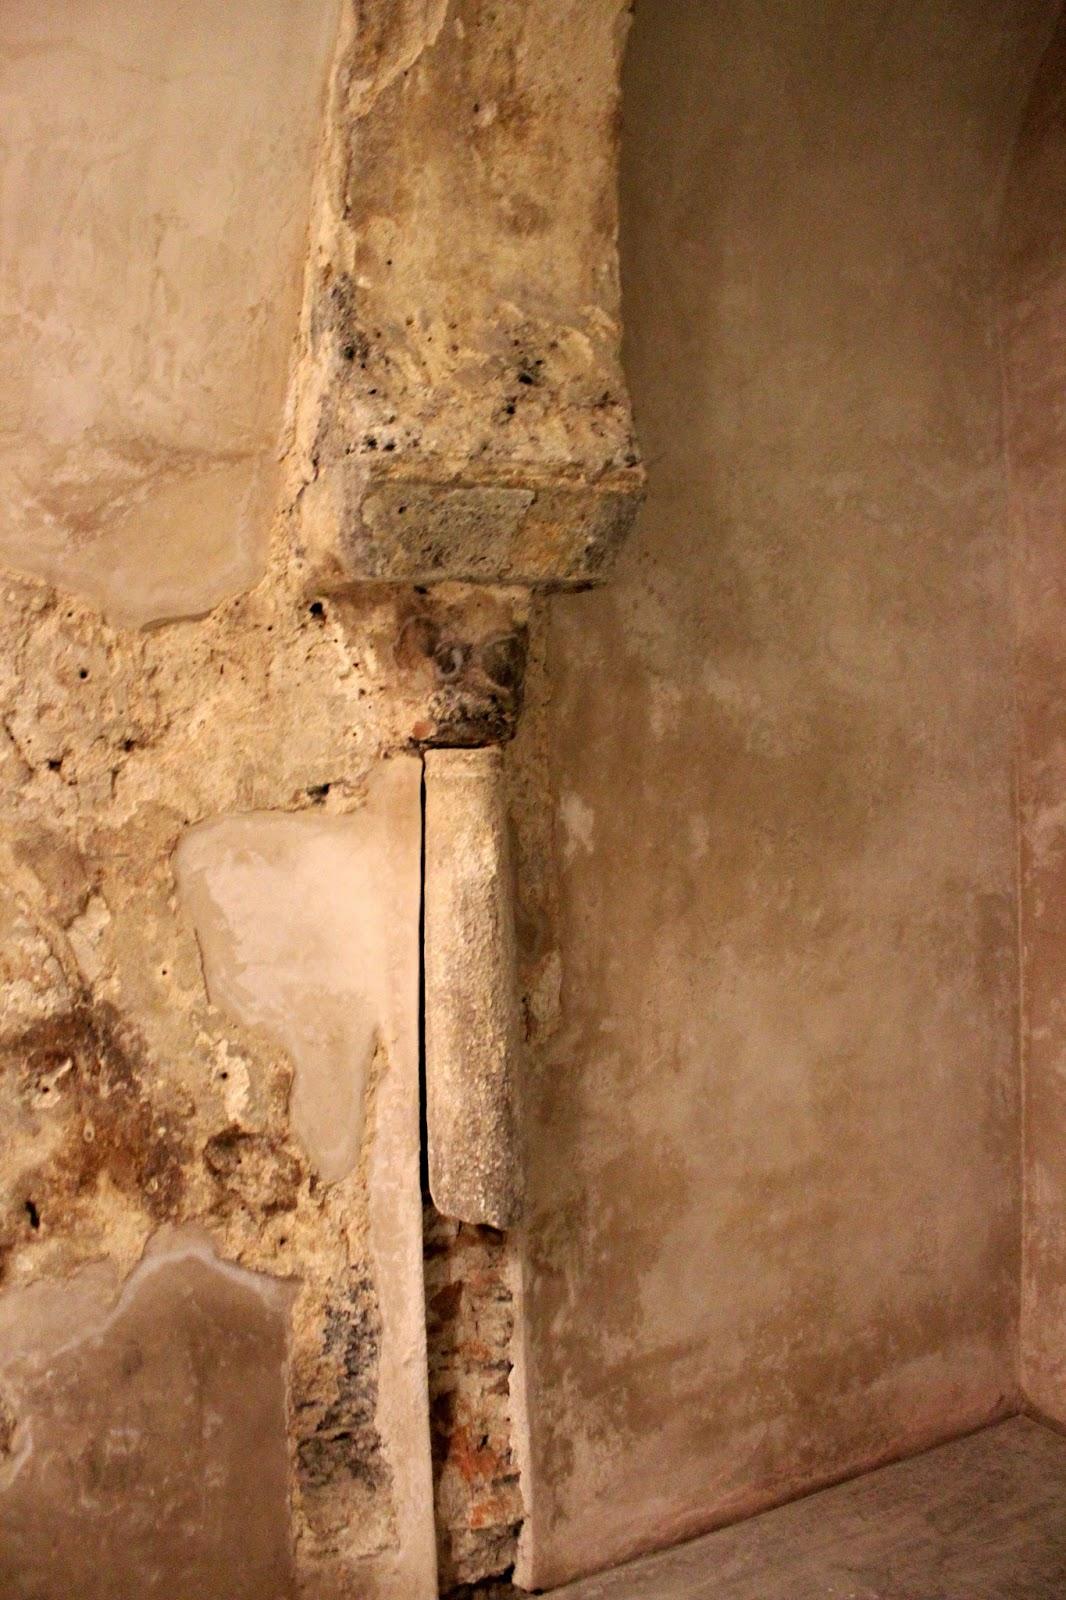 Hamman de Zeid o baños del Ángel